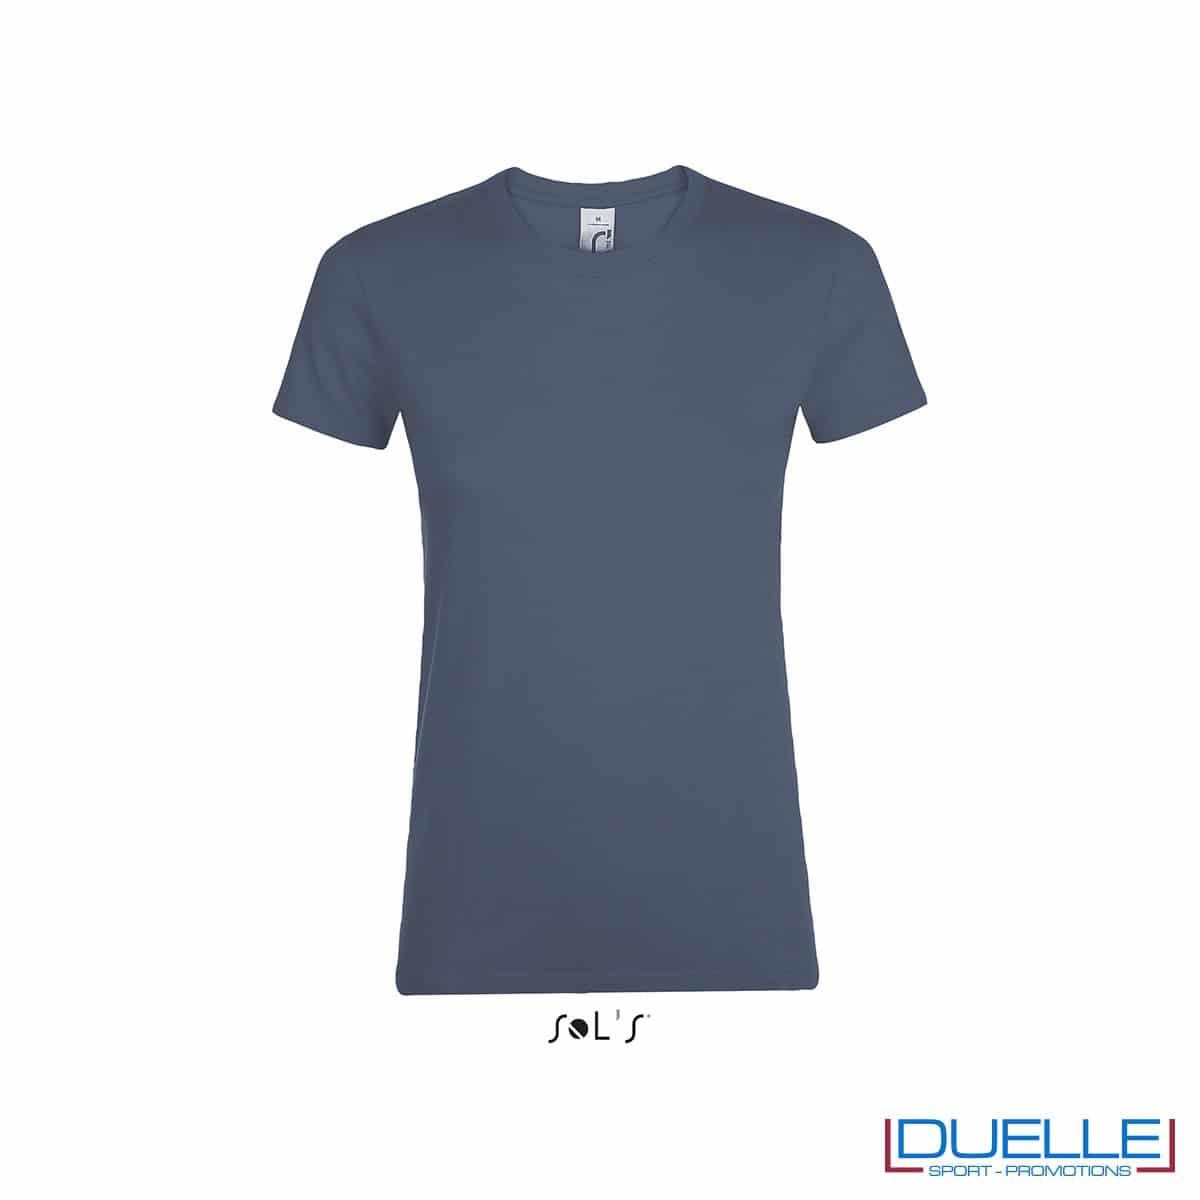 tshirt personalizzata da donna in colore denim